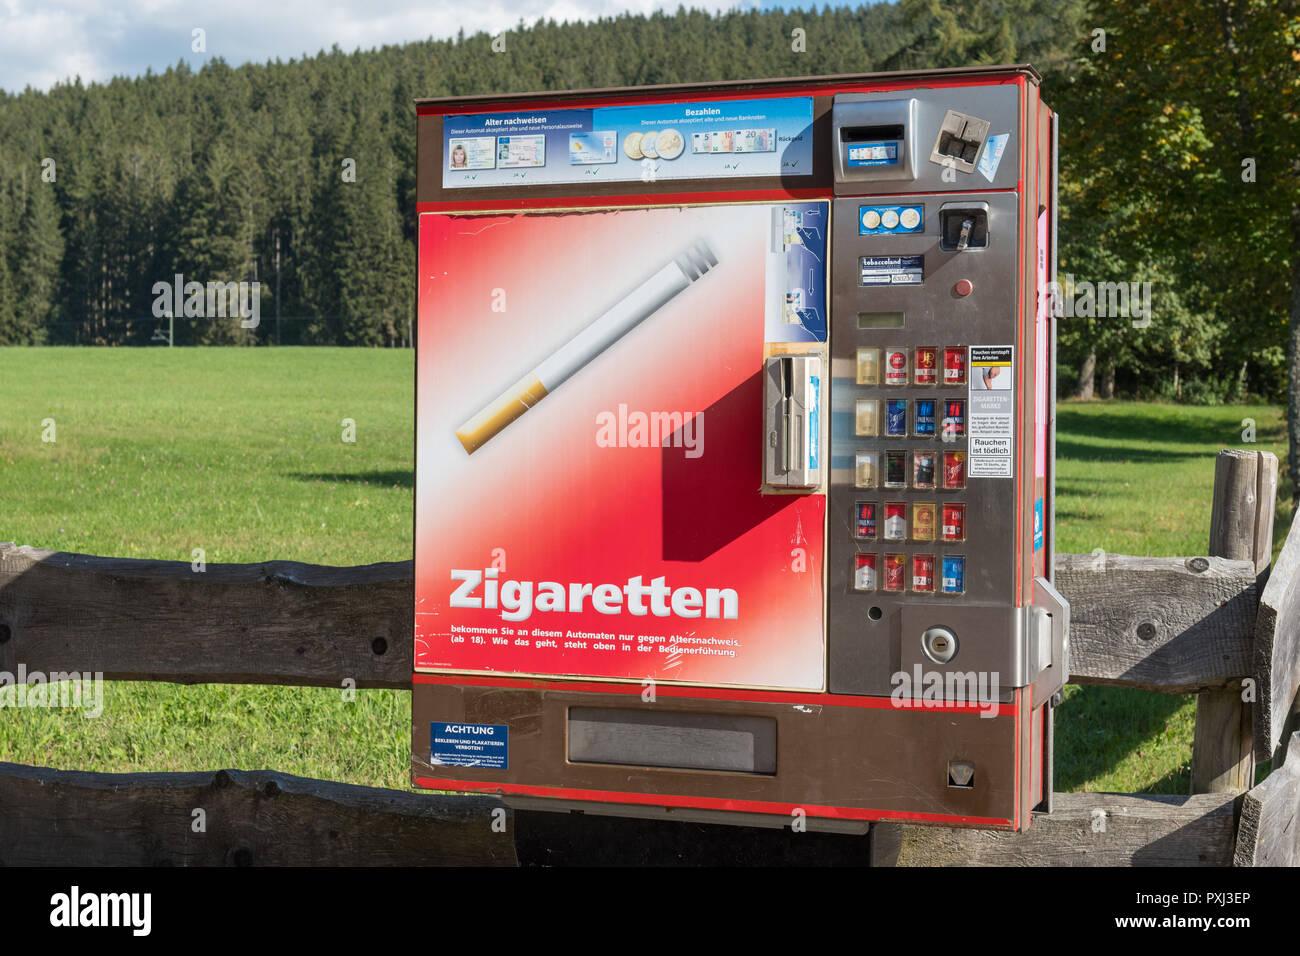 Máquina expendedora de cigarrillos en la villa turística de Titisee-Neustadt, Alemania Imagen De Stock